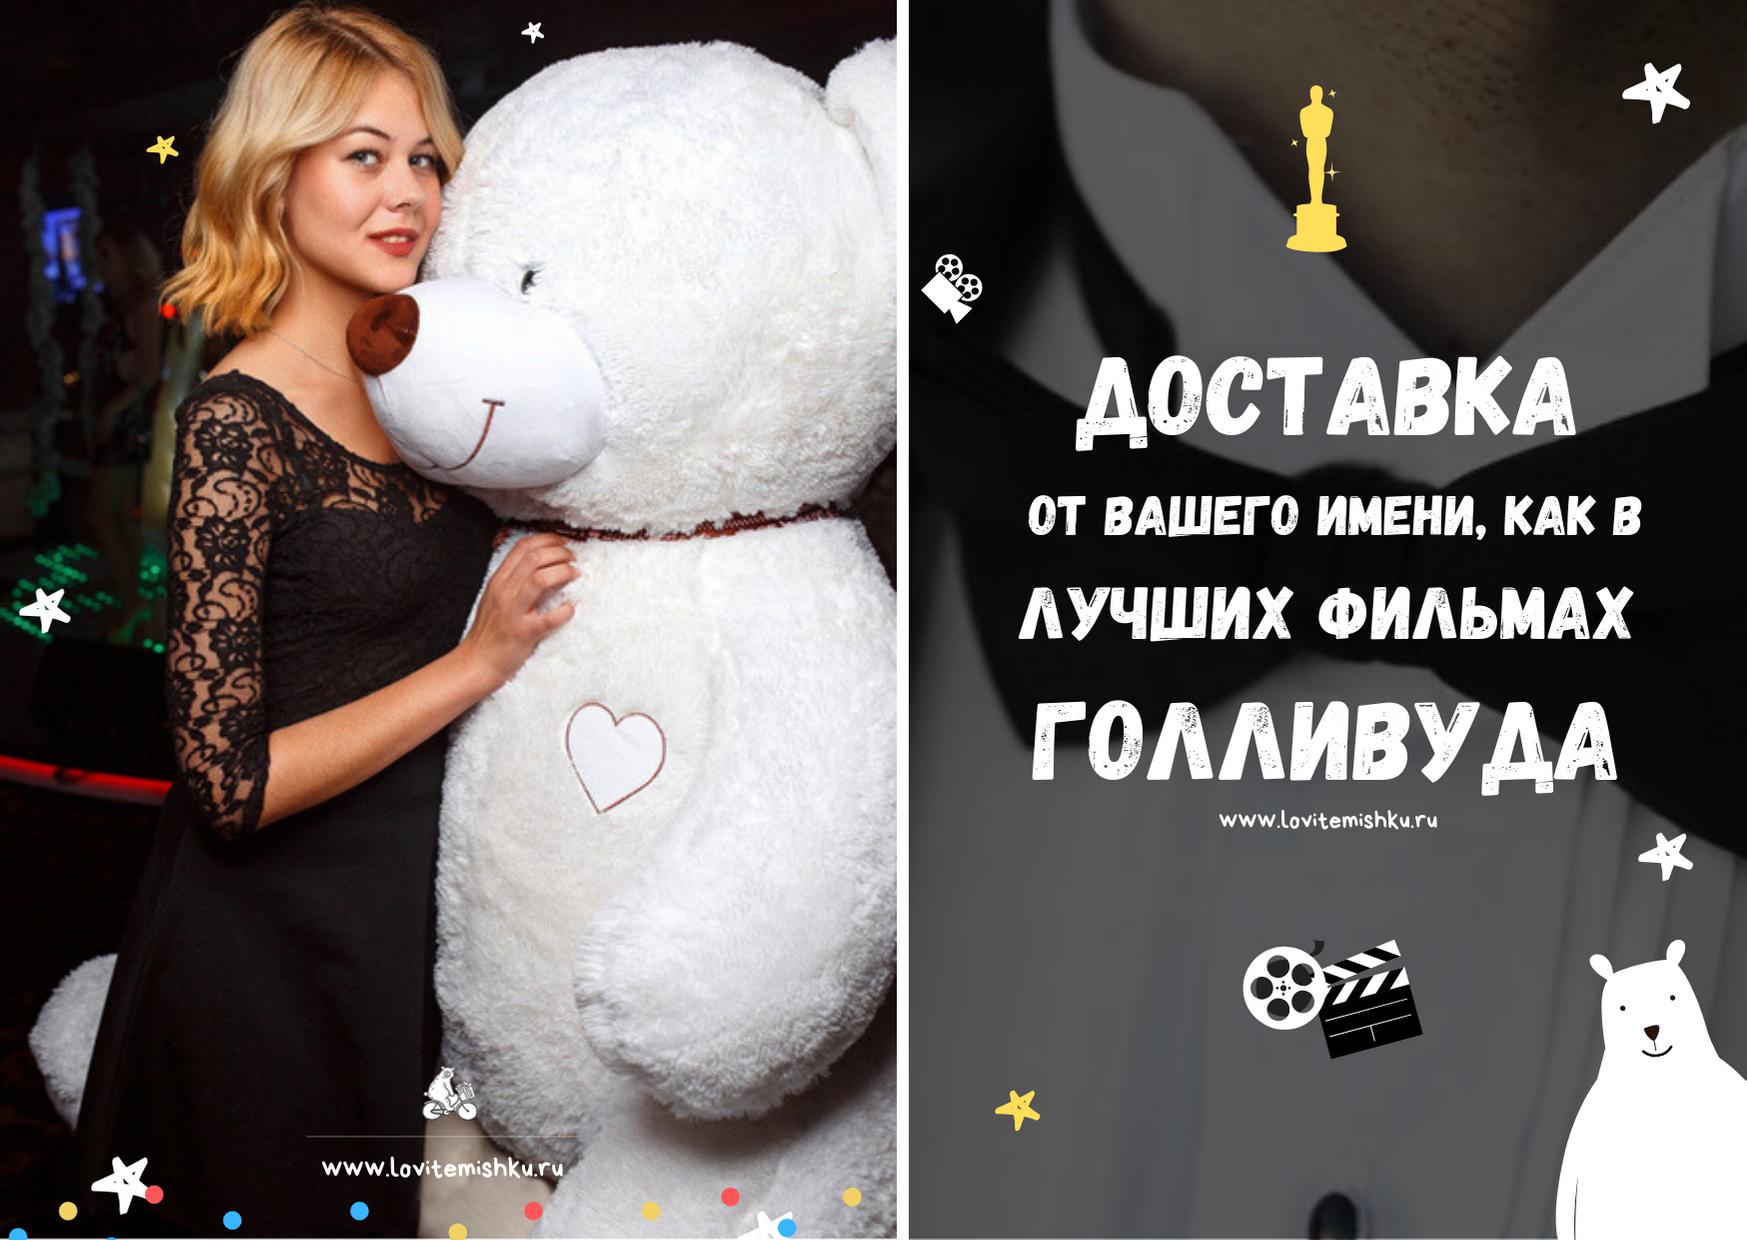 http://lovitemishku.ru/images/upload/dostavim-plyushevogo-medvedya-v-tule.png